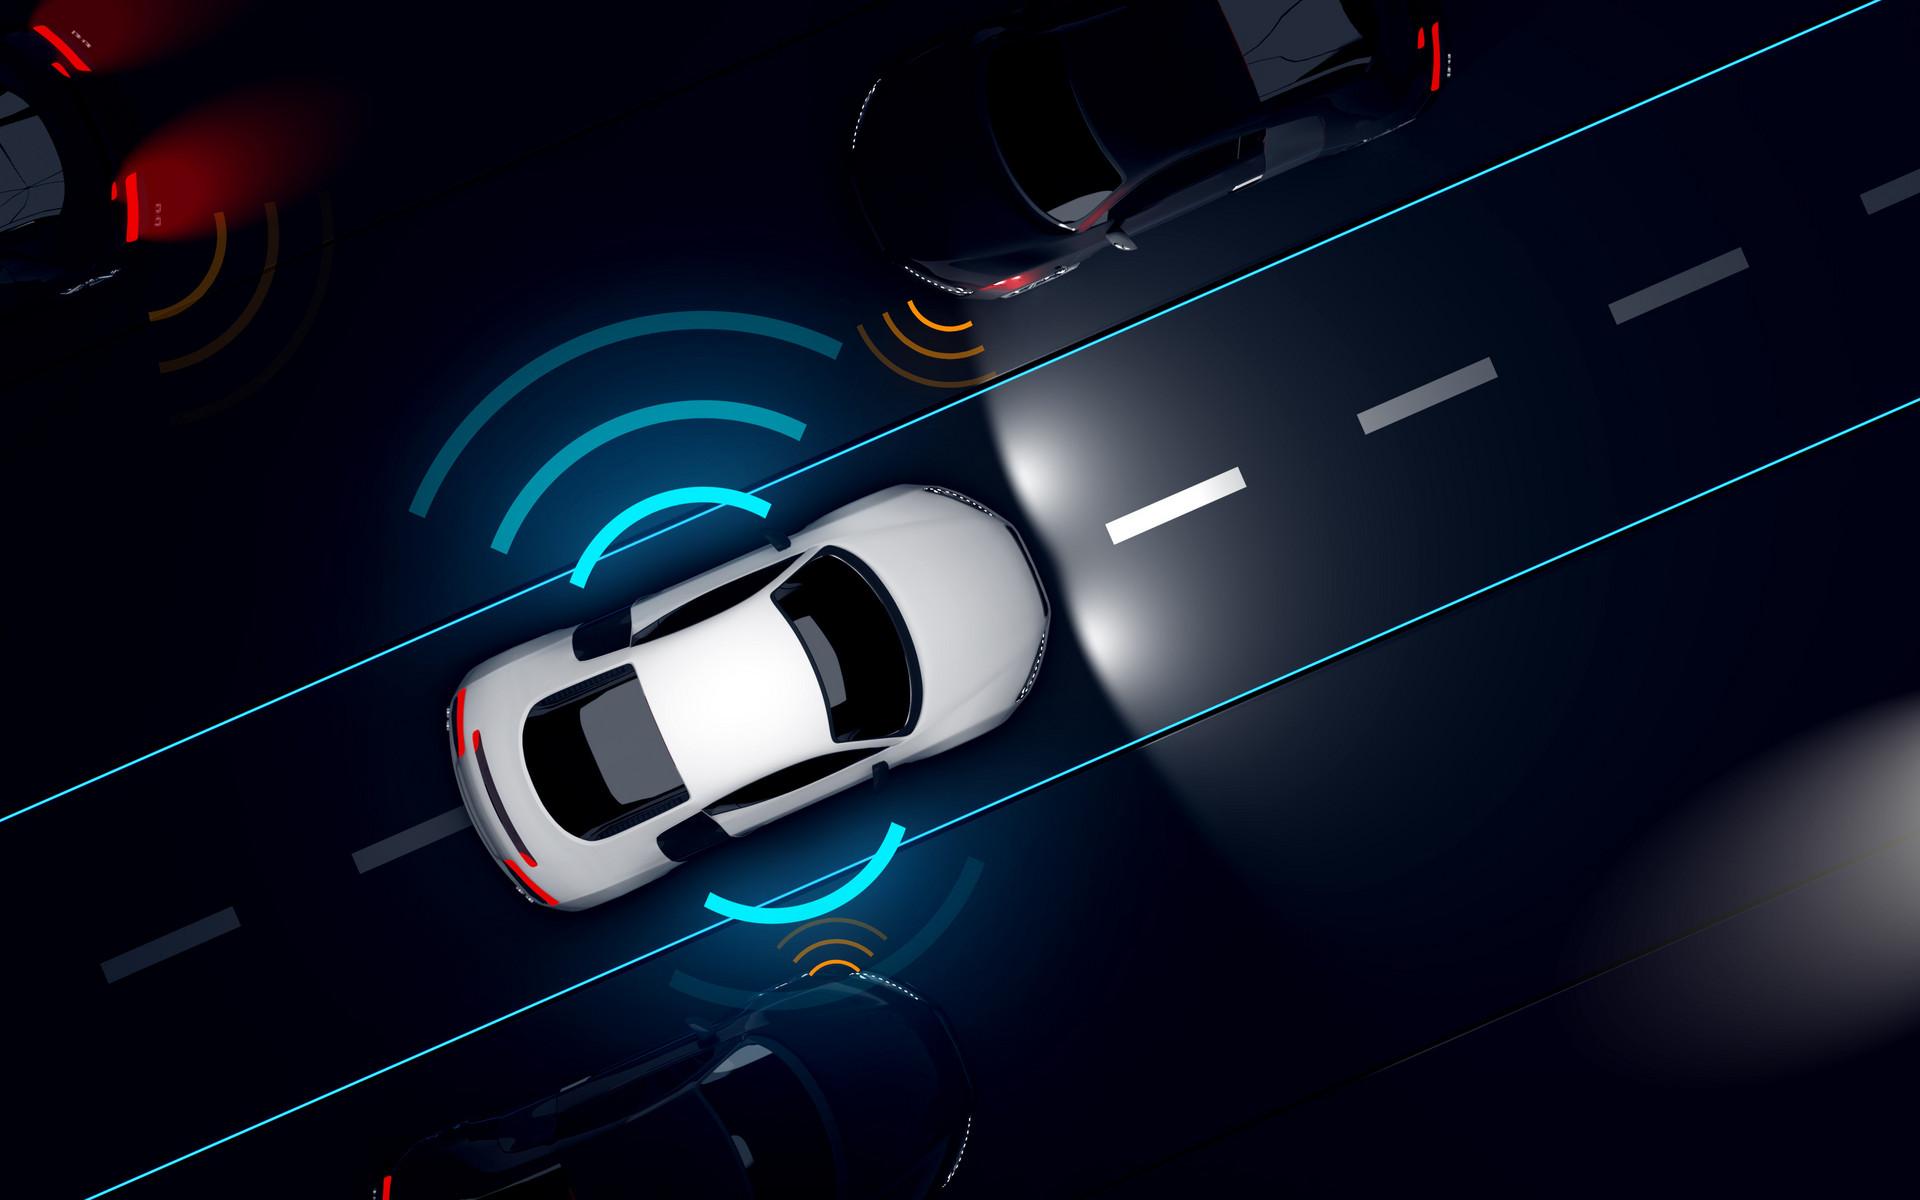 自动驾驶的到来,哪几家企业拿下全球首张商用牌照?